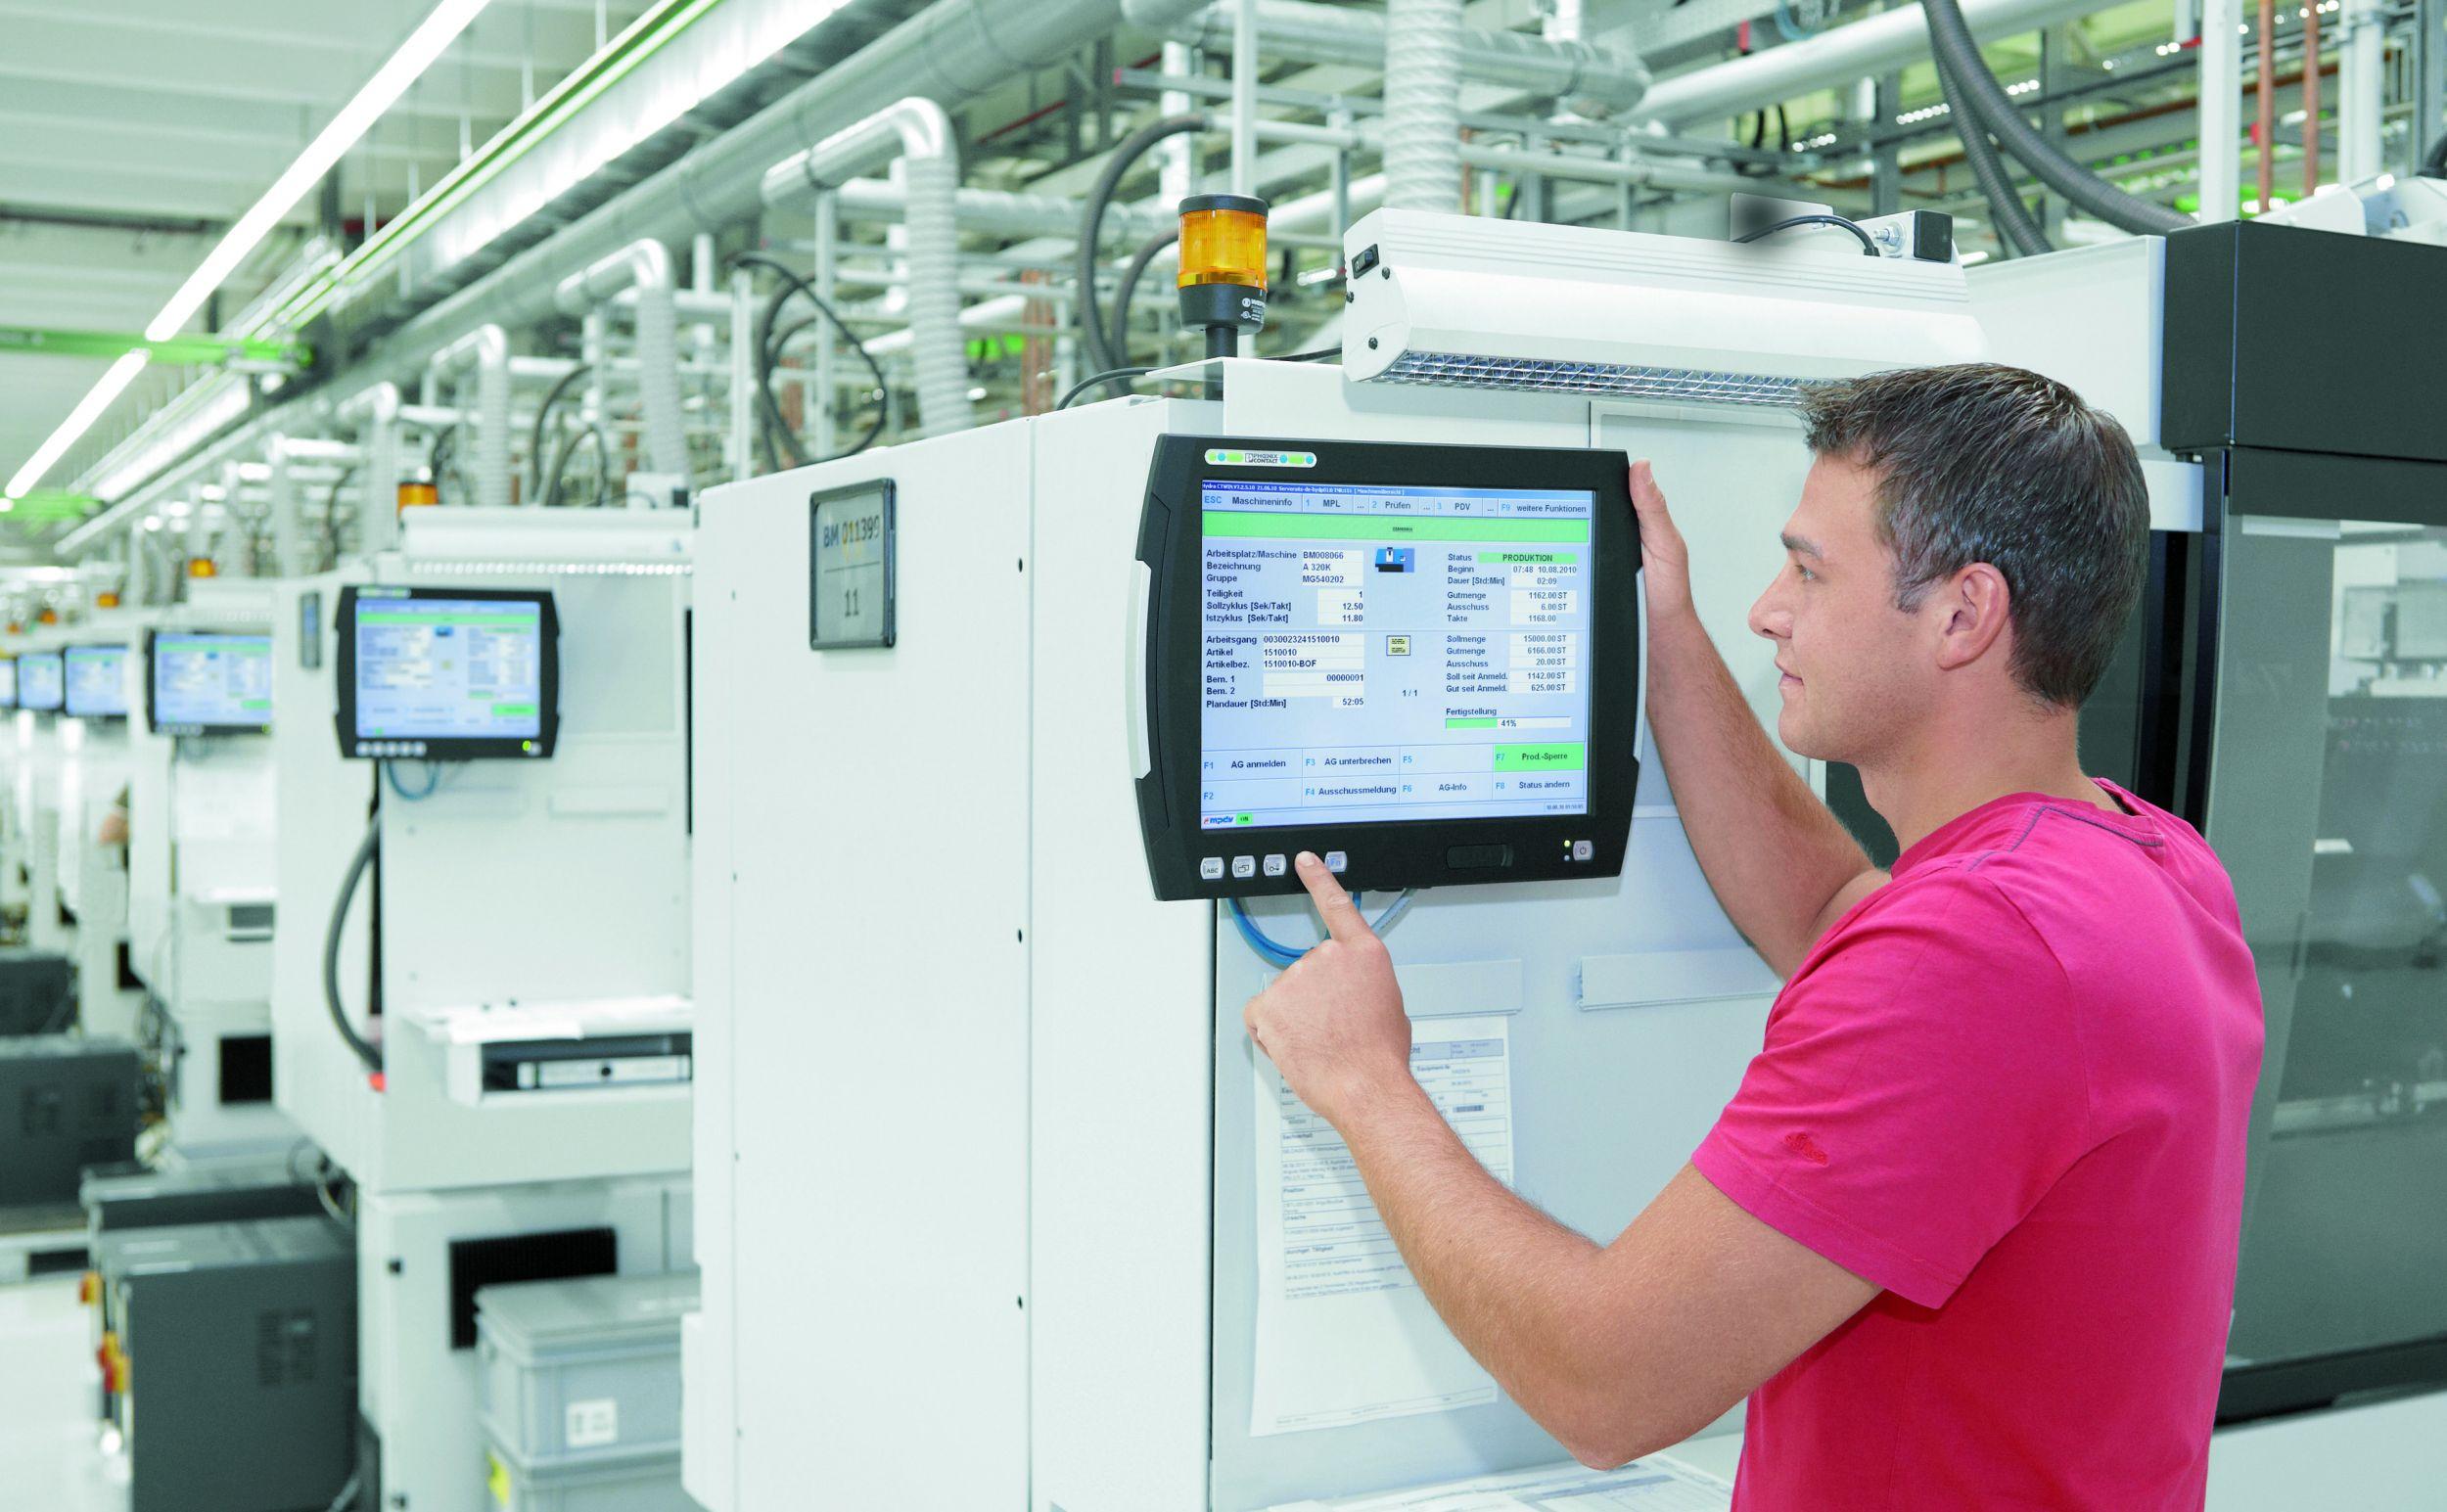 Sicherheit von XP-Systemen in der Automation gefährdet